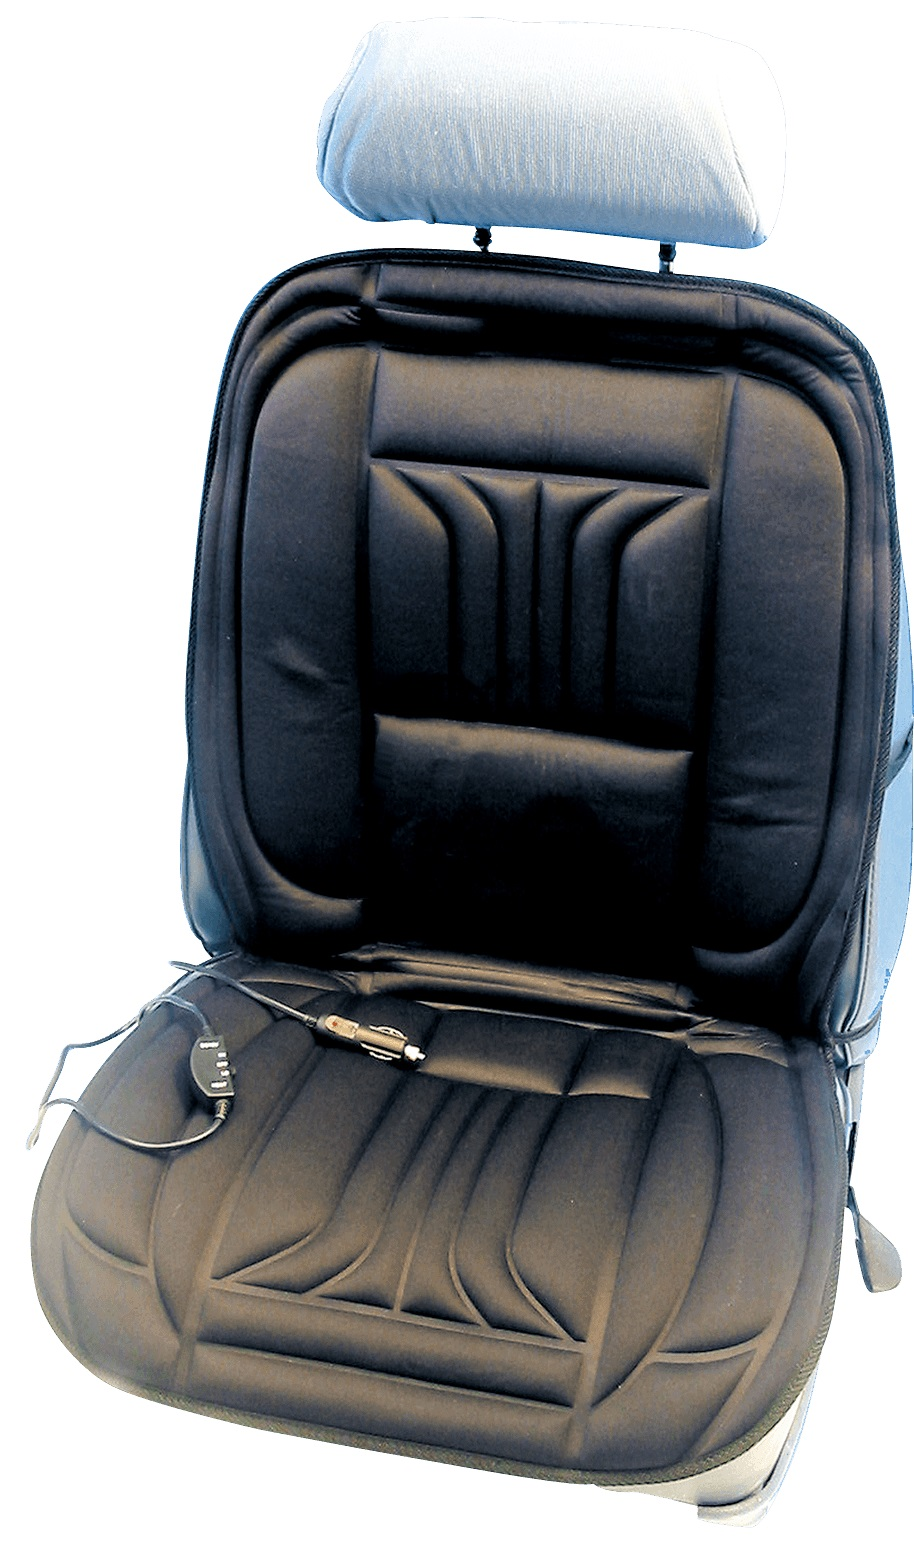 коврик грелка нагрева с подогревом кресло 12v